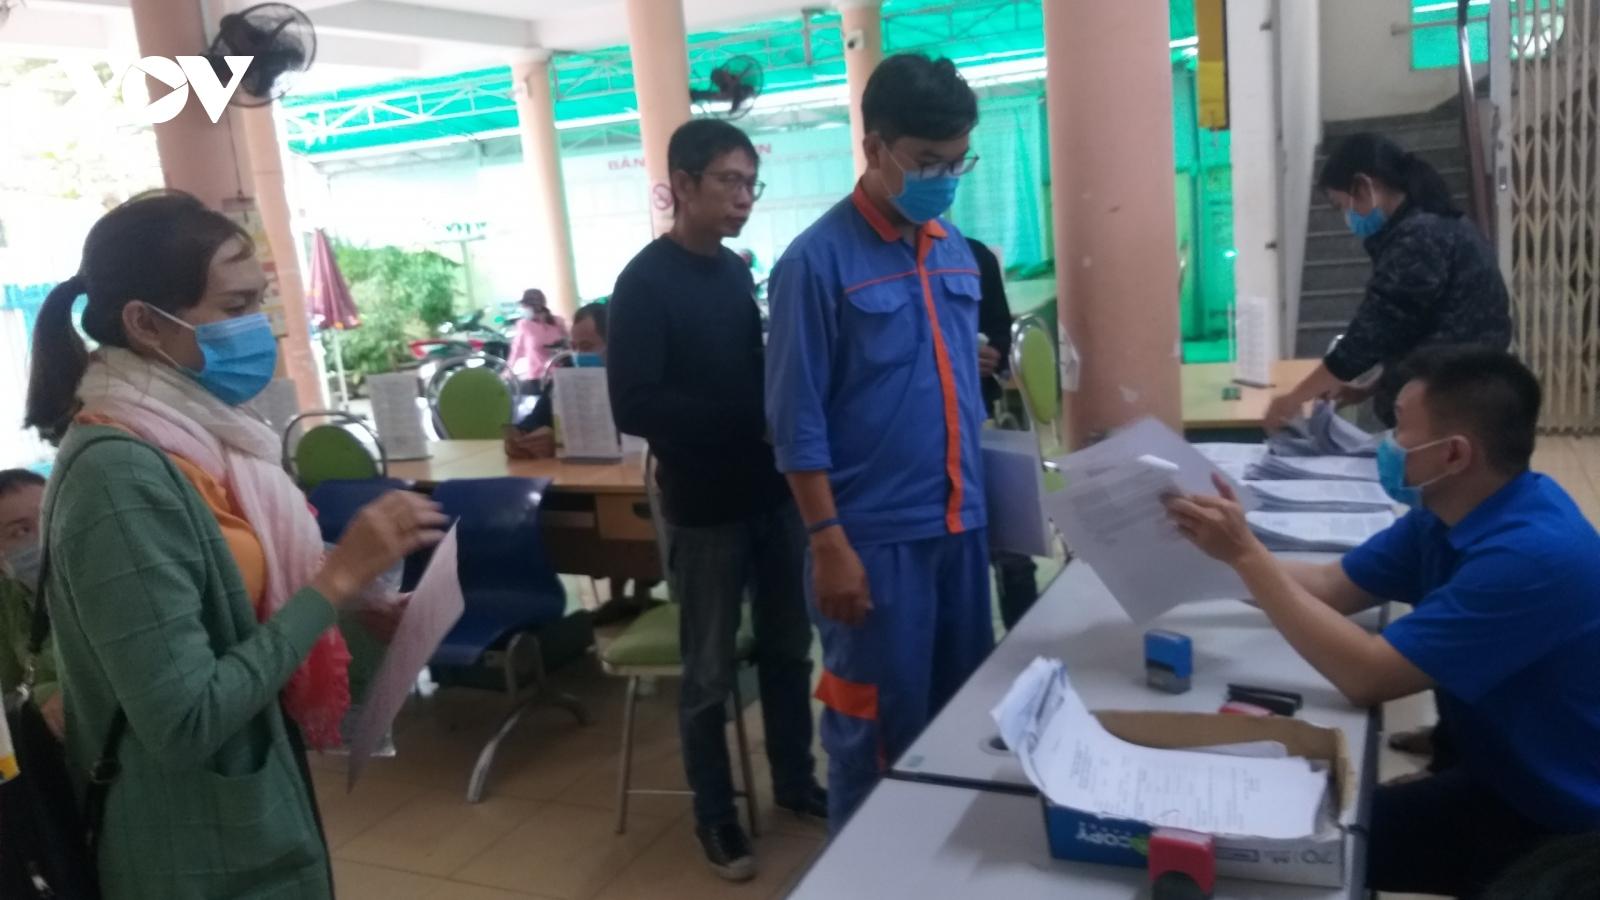 Nhu cầu lao động tại Khánh Hòa giảm sâu, người mất việc thêm khó khăn